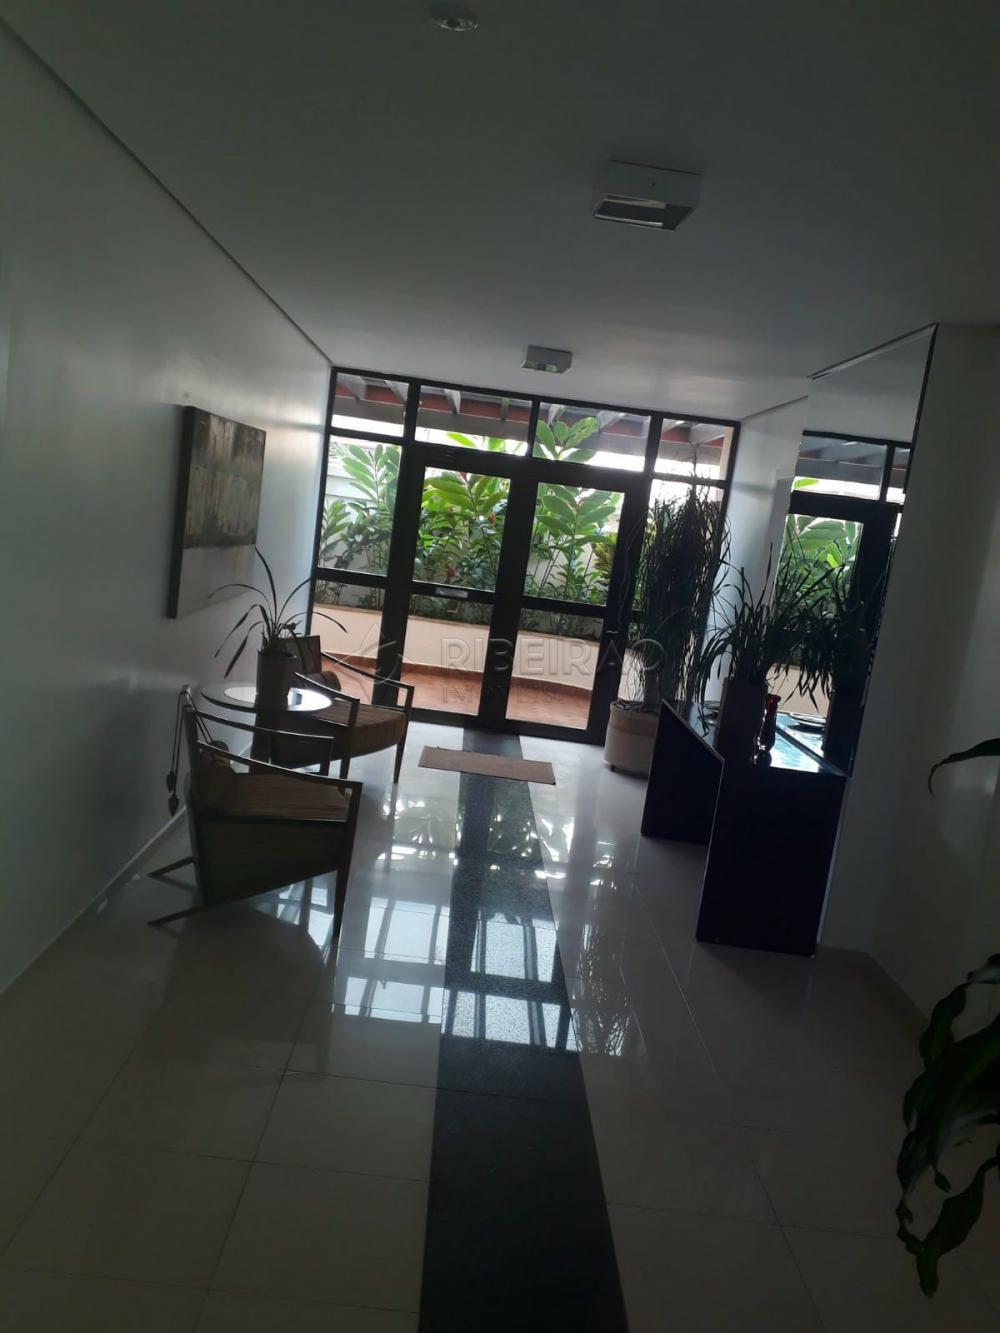 Comprar Apartamento / Padrão em Ribeirão Preto apenas R$ 600.000,00 - Foto 5